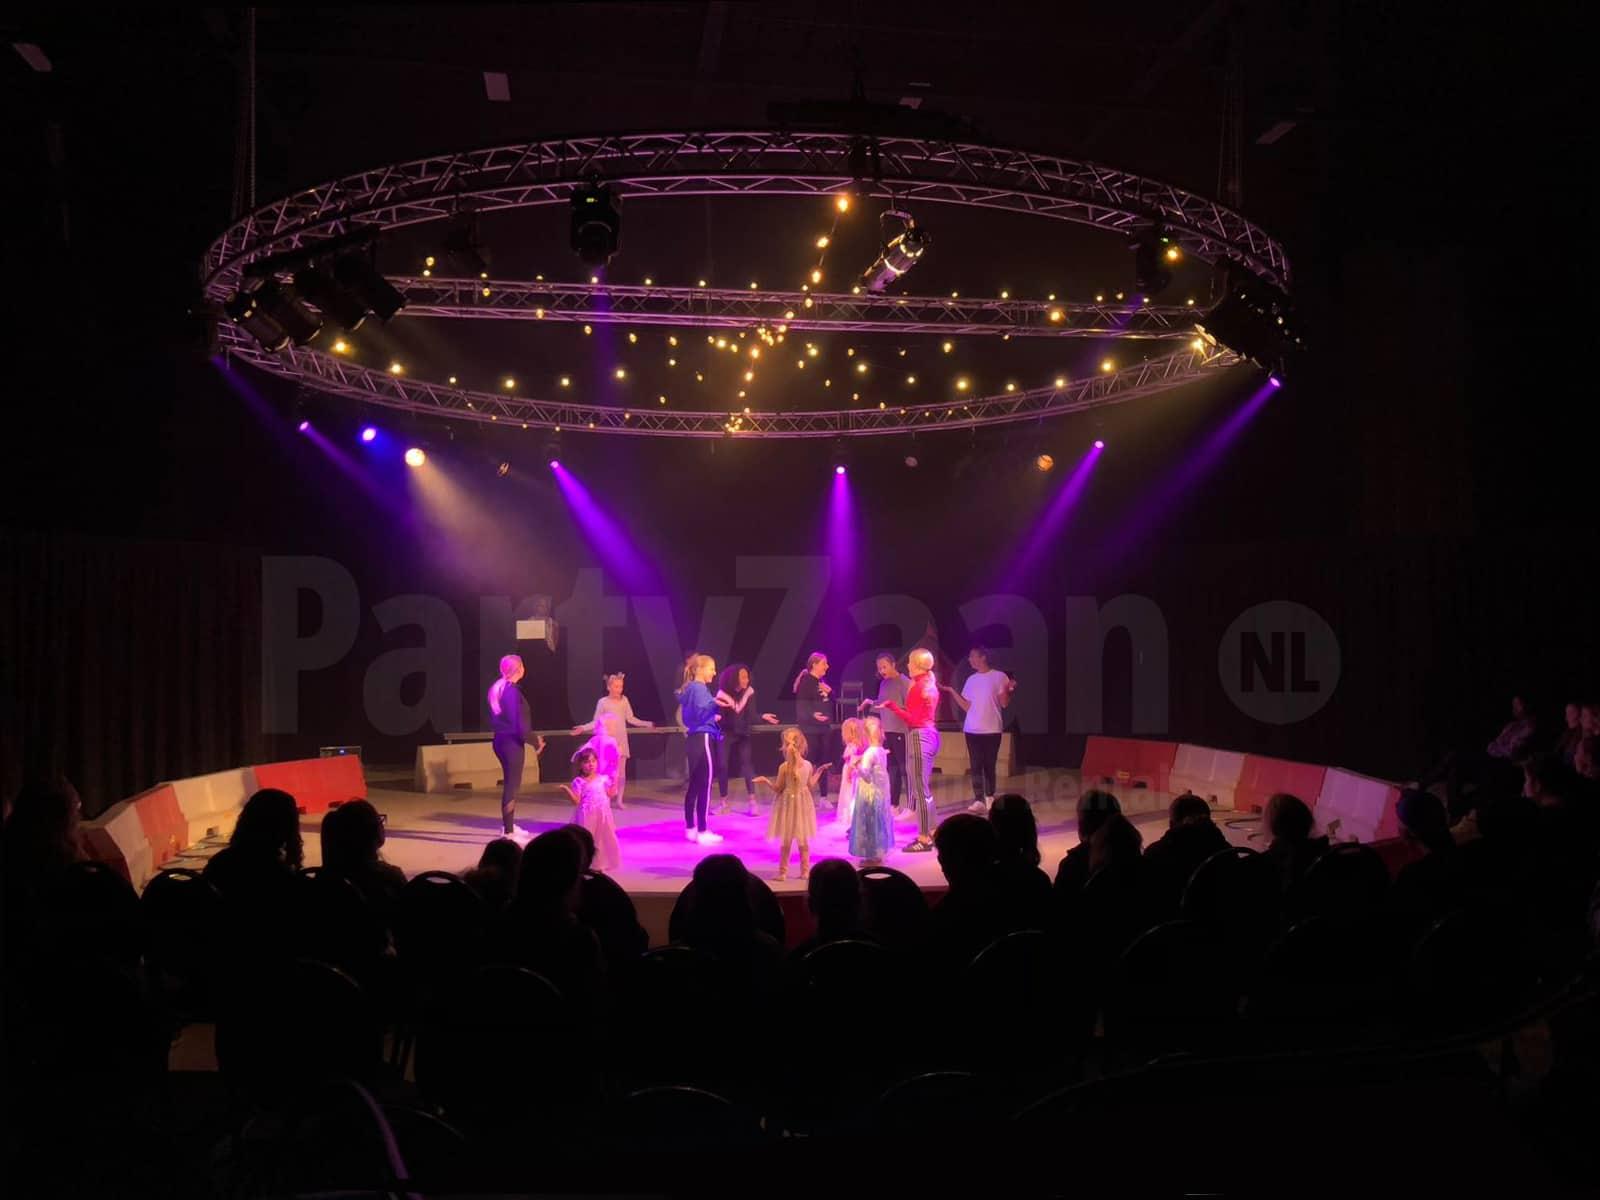 PartyZaan evenement dans show